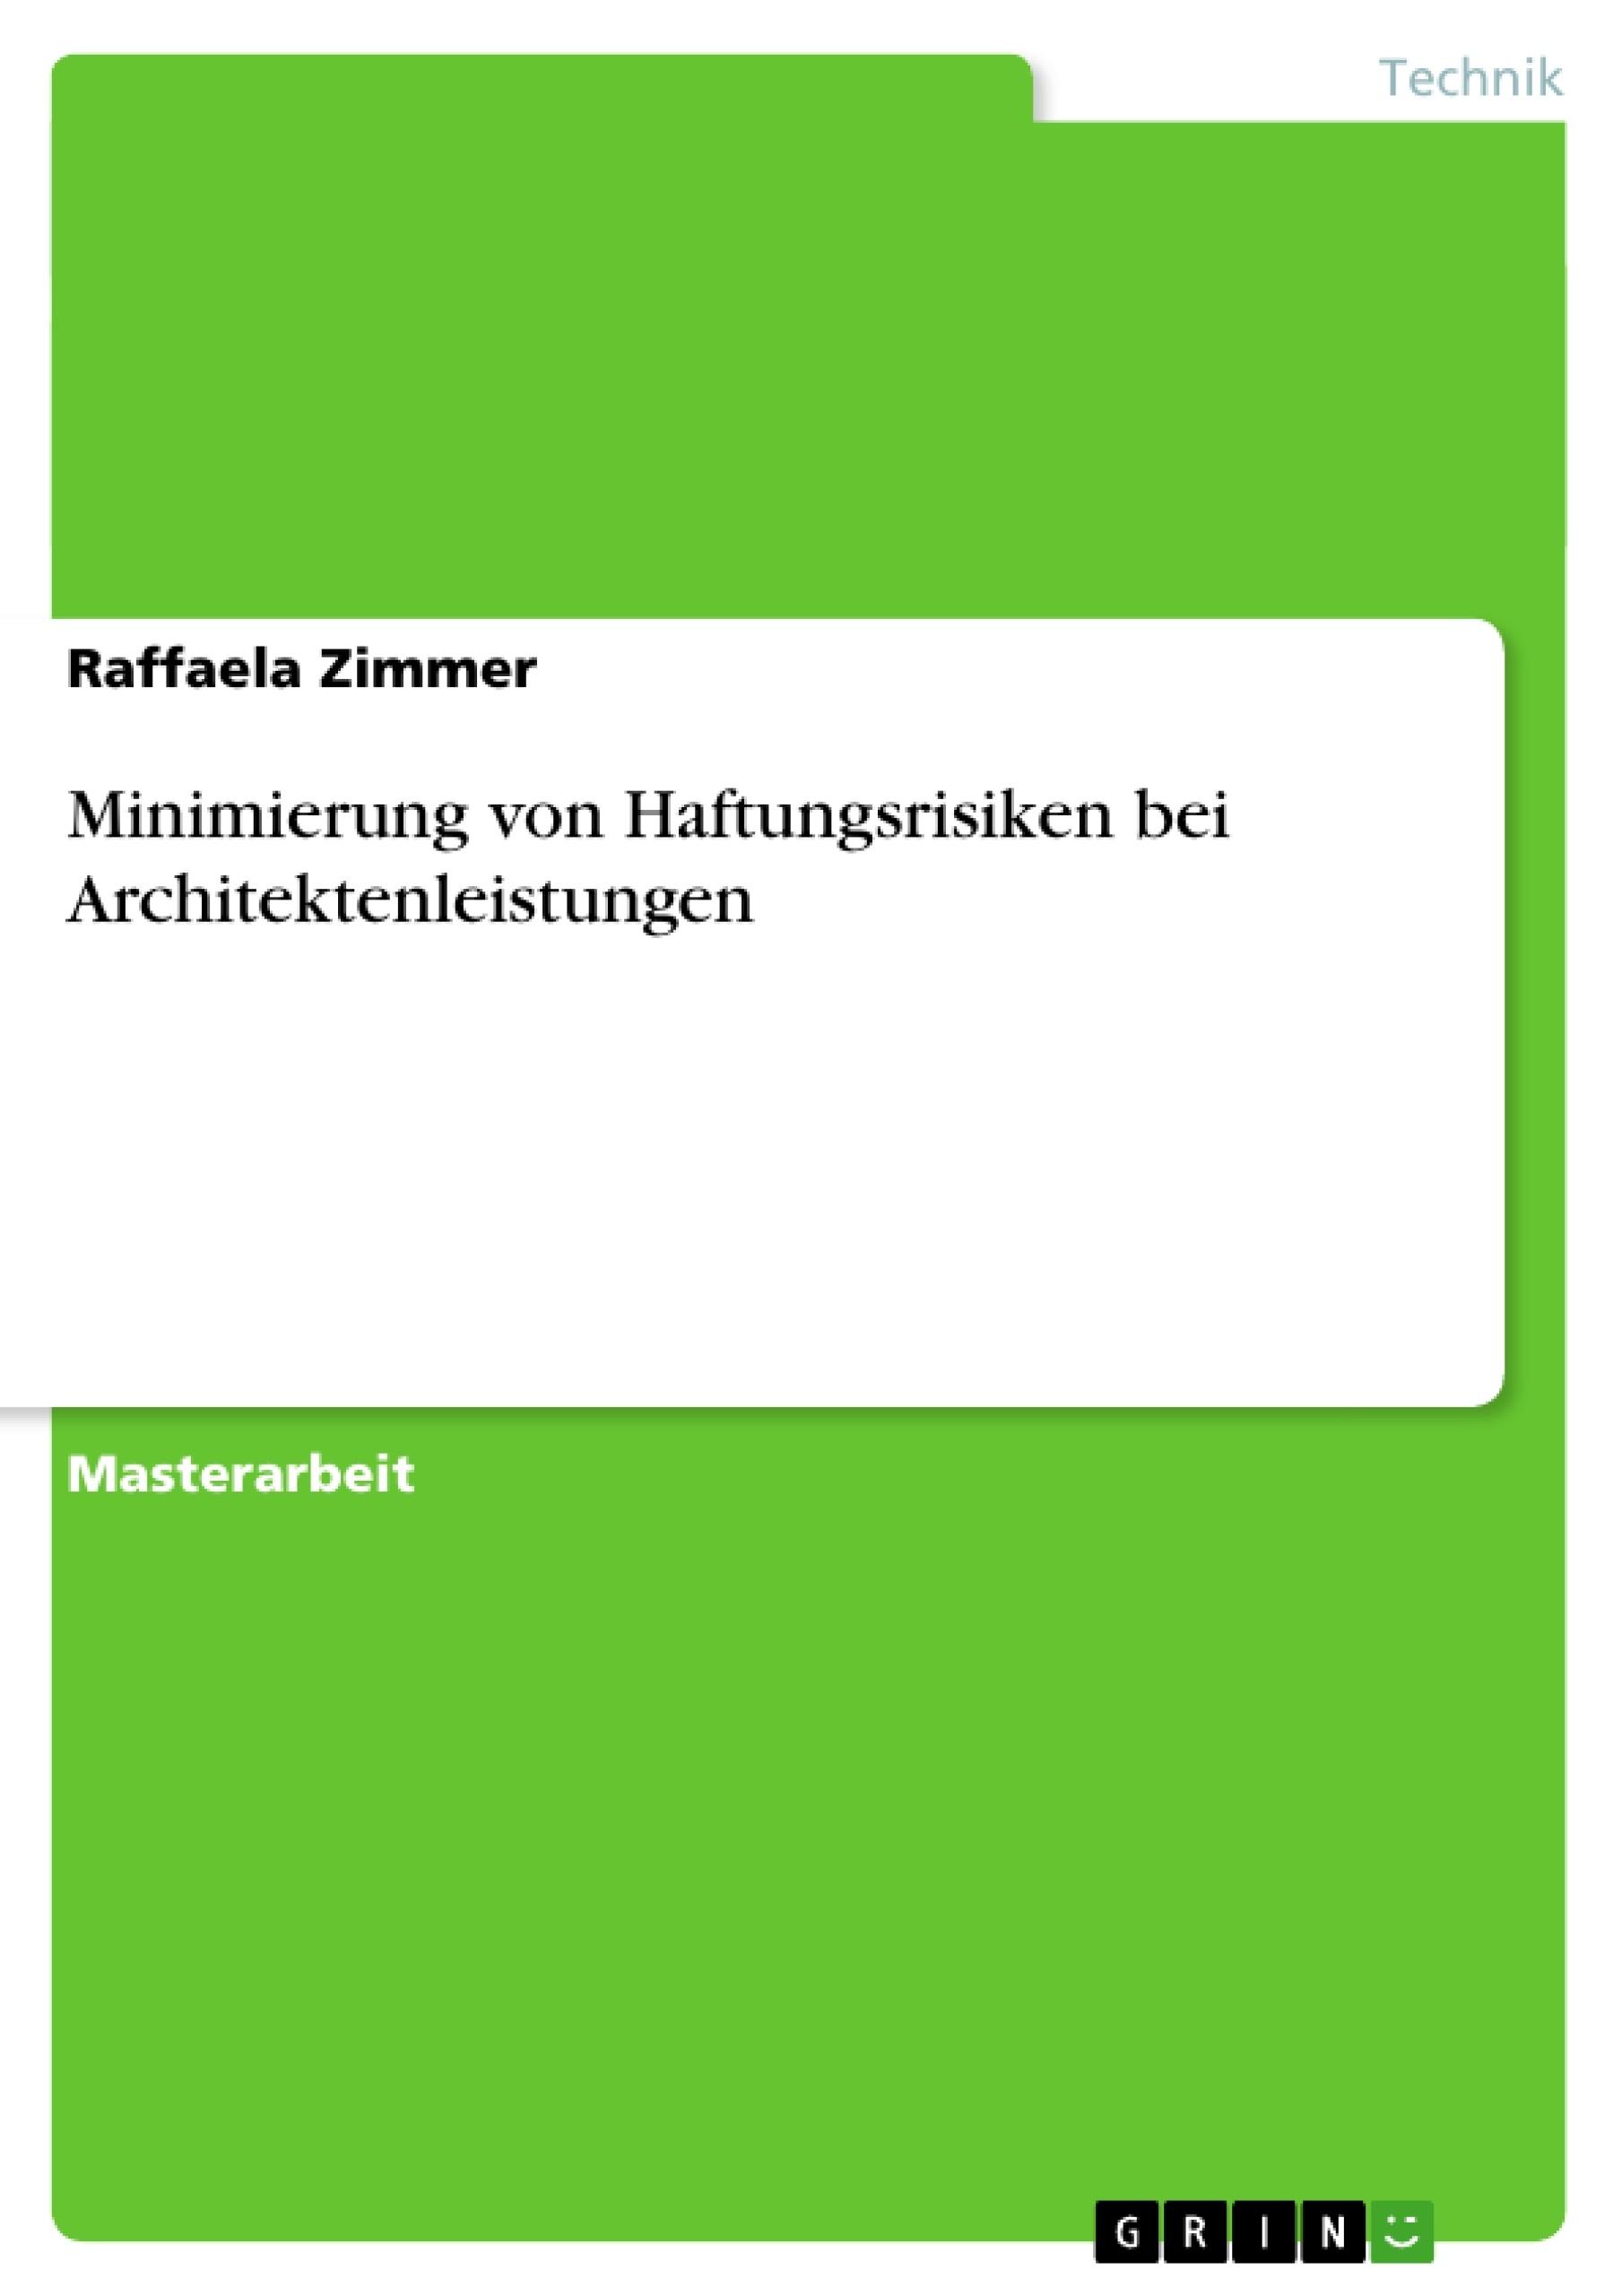 Titel: Minimierung von Haftungsrisiken bei Architektenleistungen